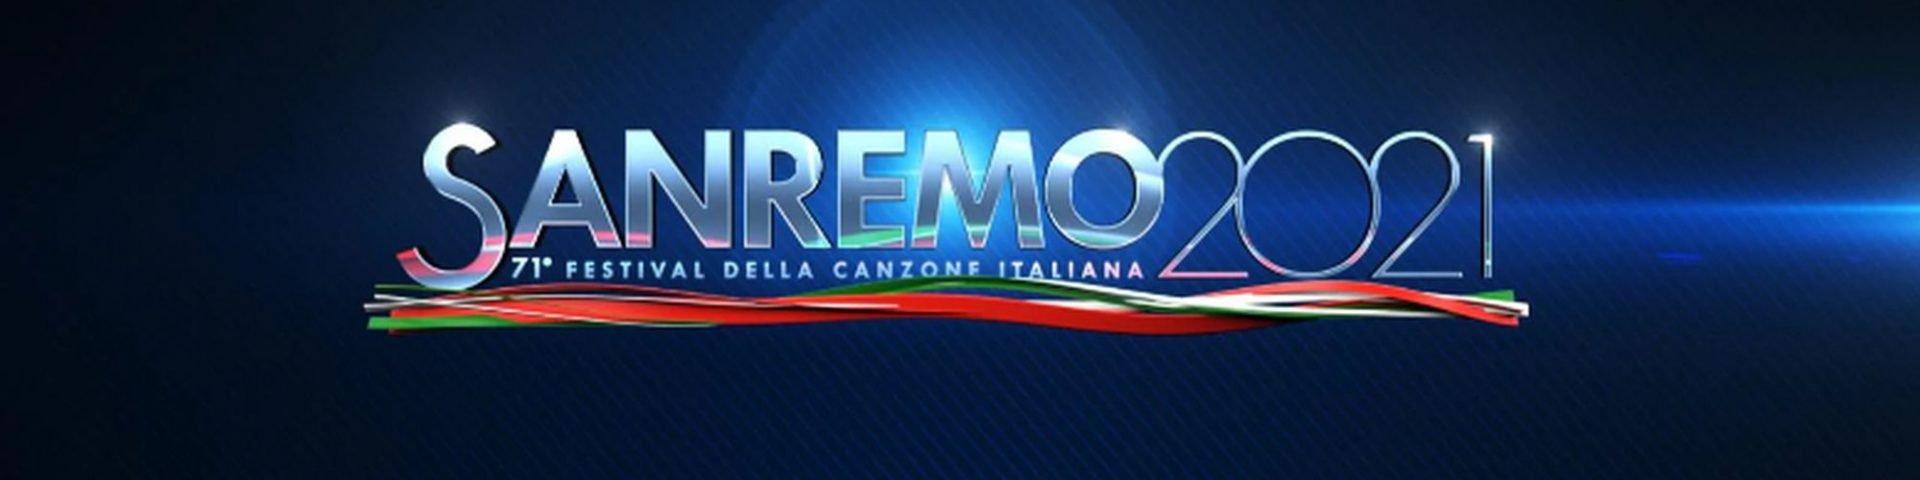 Il Festival di Sanremo 2021 è in diretta o registrato?